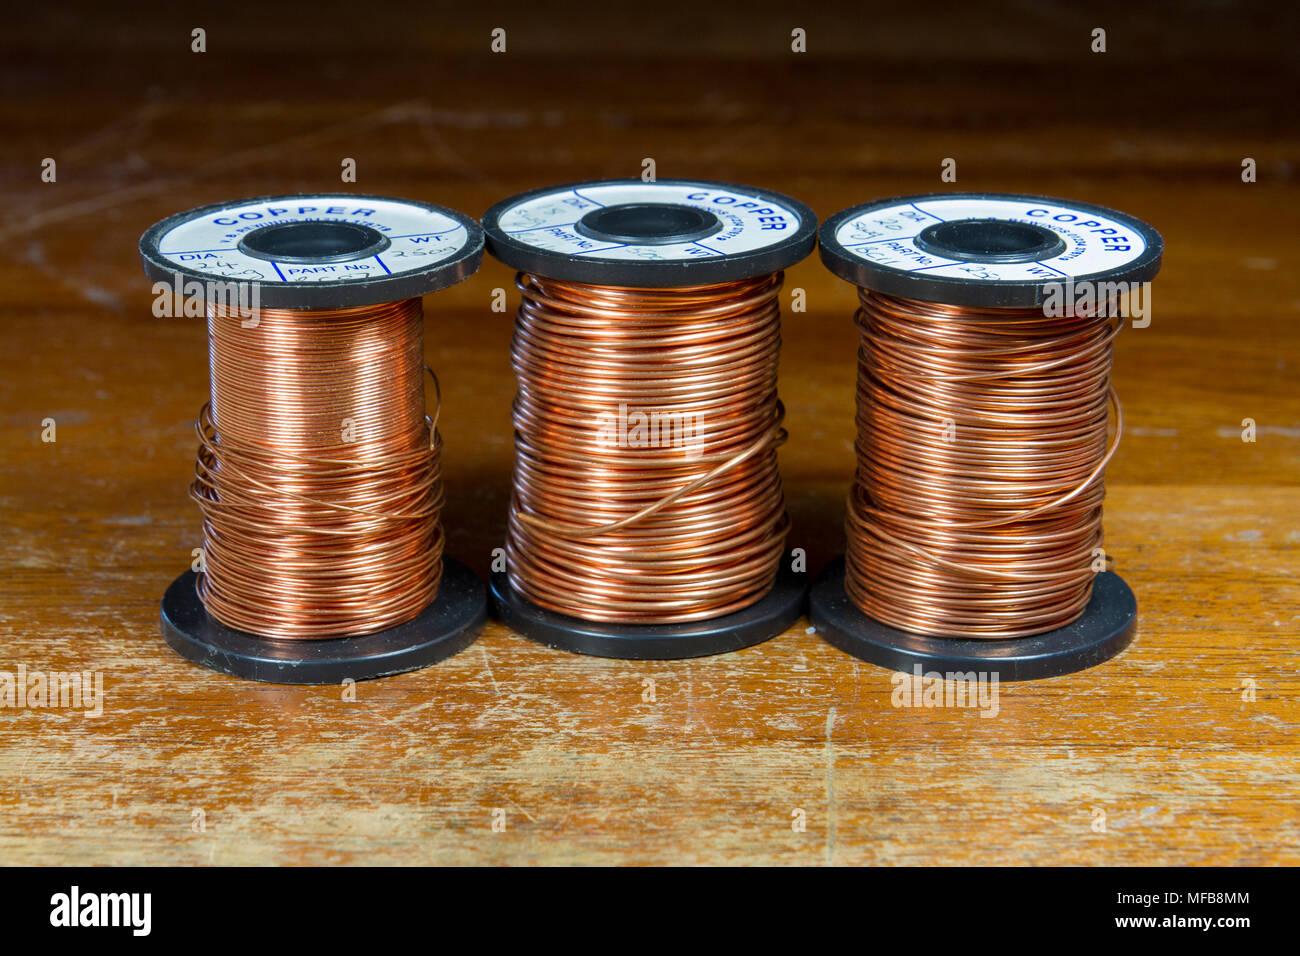 Spulen von Kupfer Draht, wie in einer britischen Sekundär-/High ...